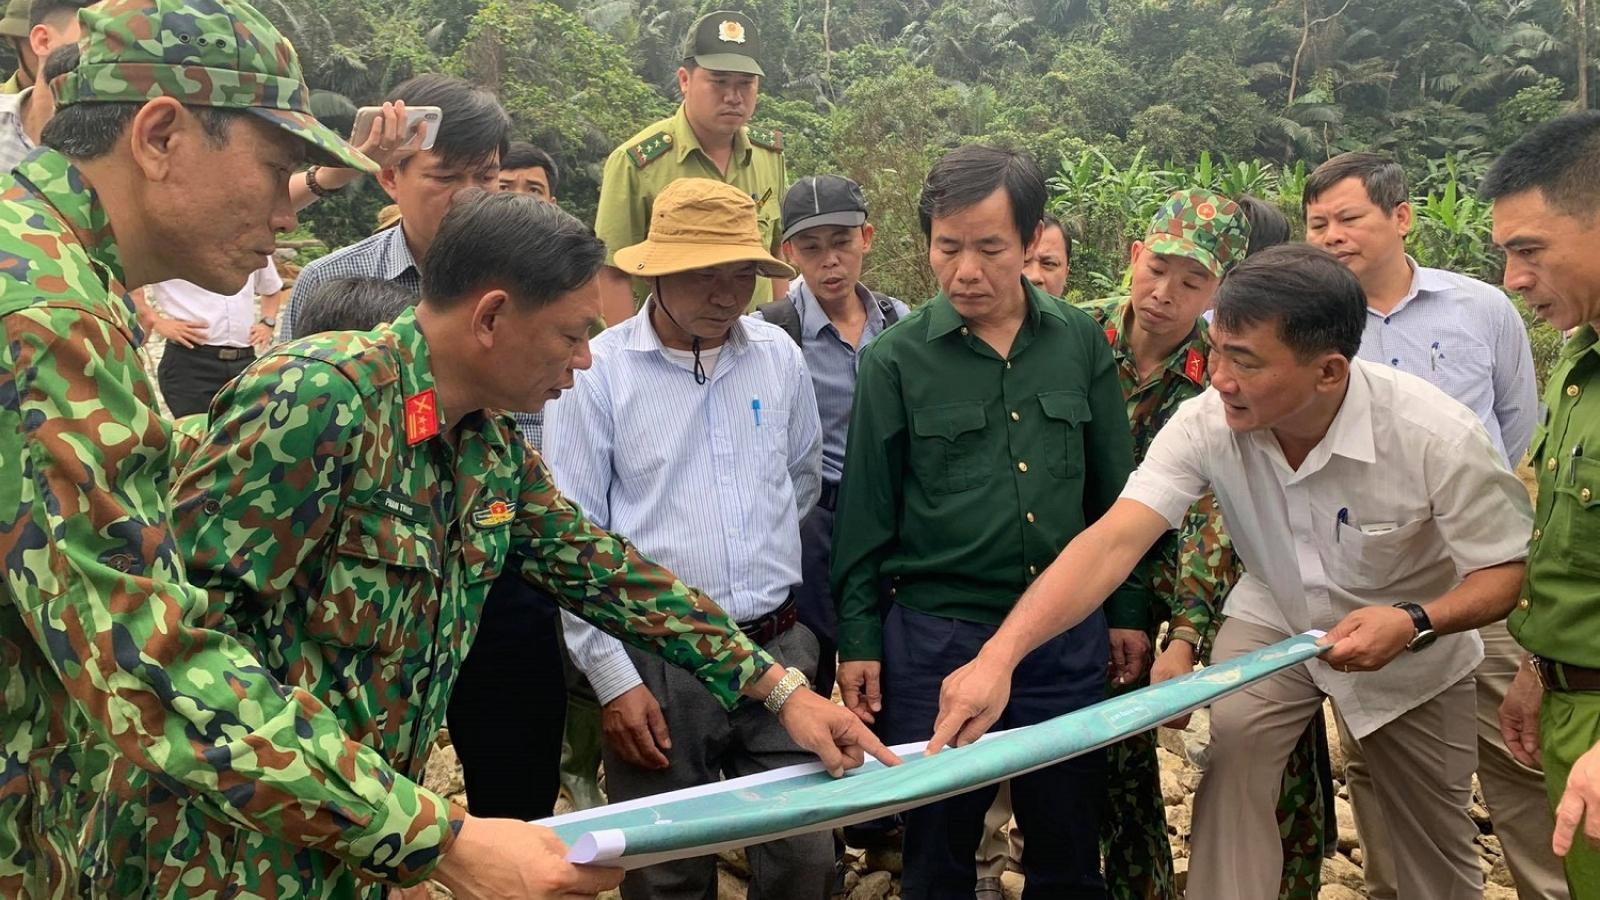 Lên phương án tìm kiếm 11 nạn nhân còn mất tích tại công trình thủy điện Rào Trăng 3